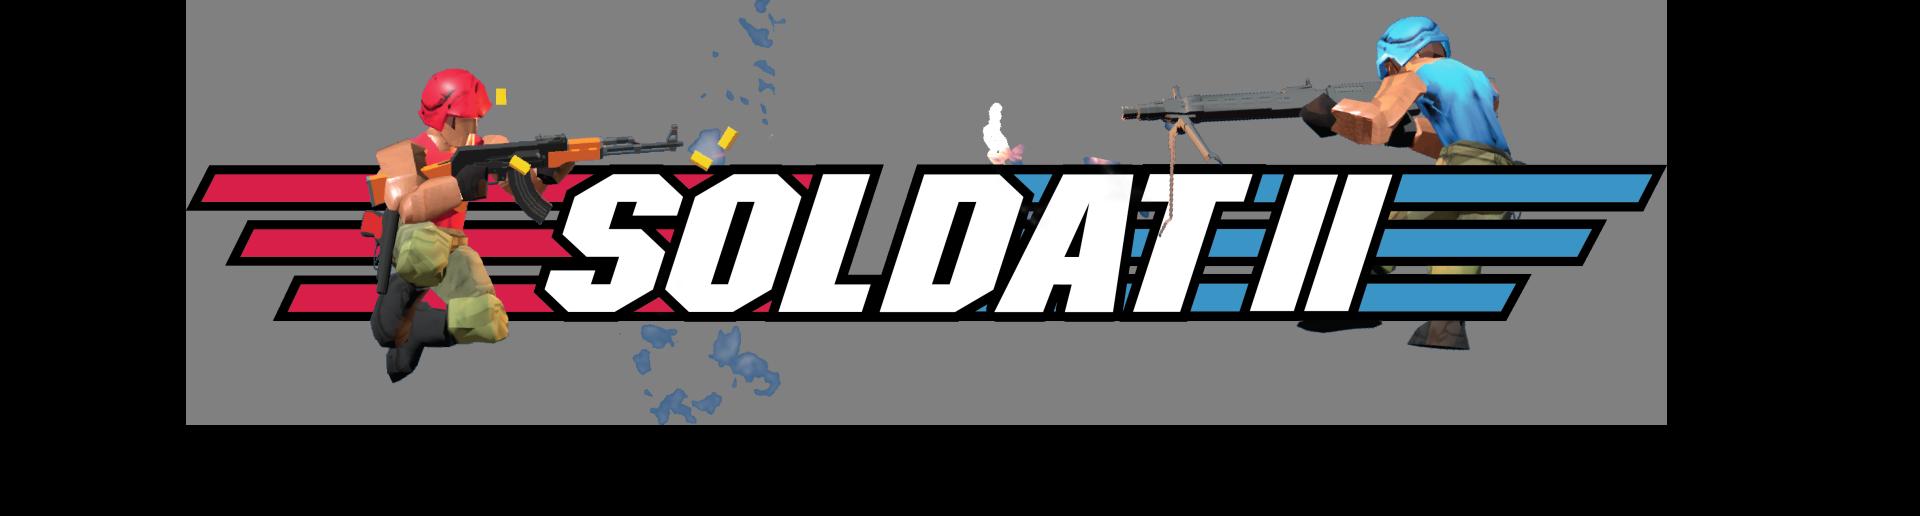 Soldat 2 demo